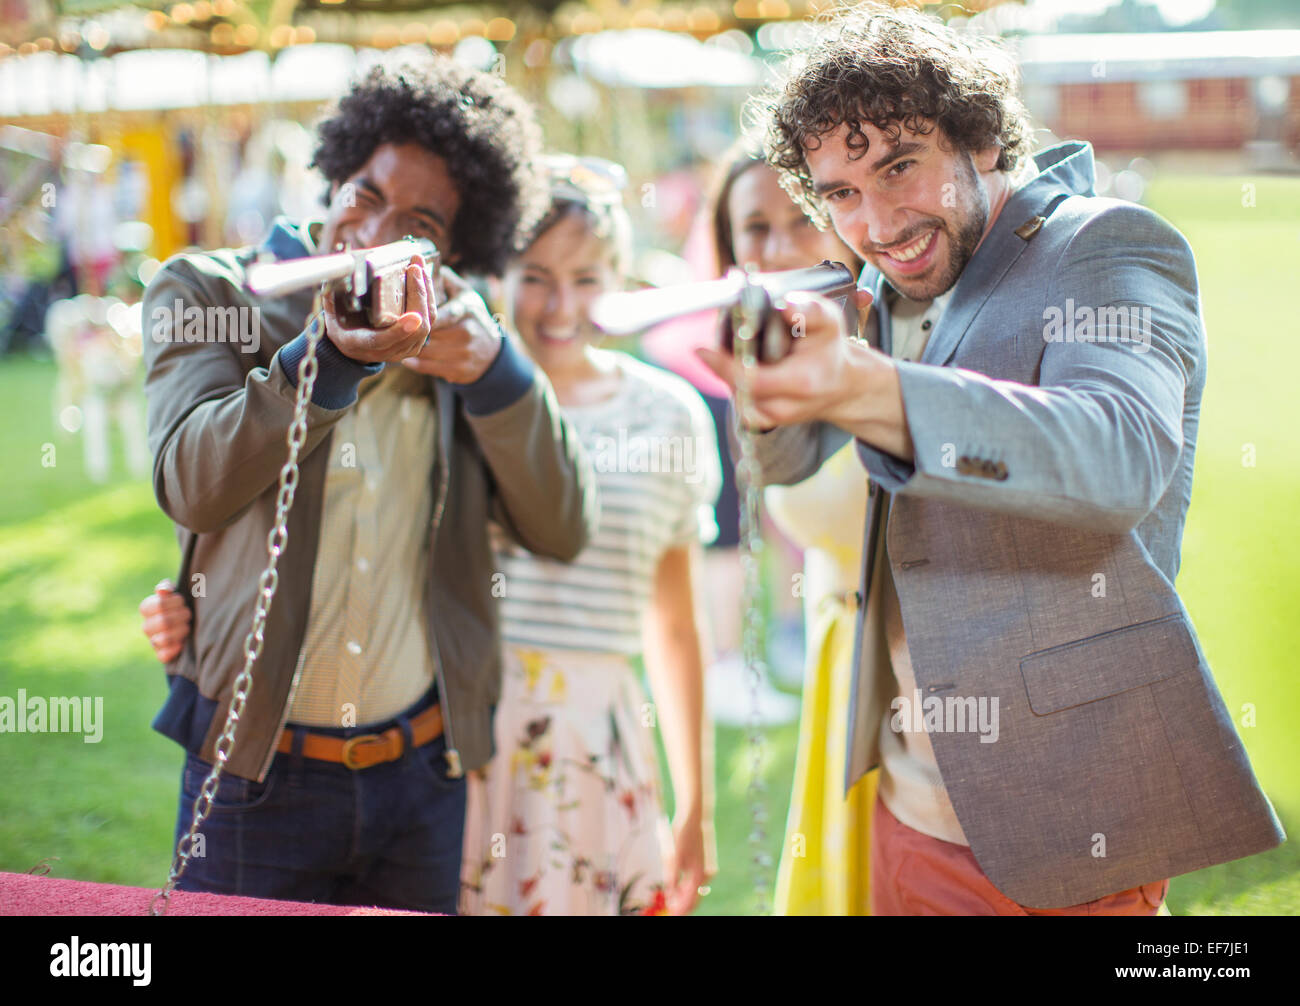 Giovani uomini mirando con armi da fuoco nel parco di divertimenti Immagini Stock